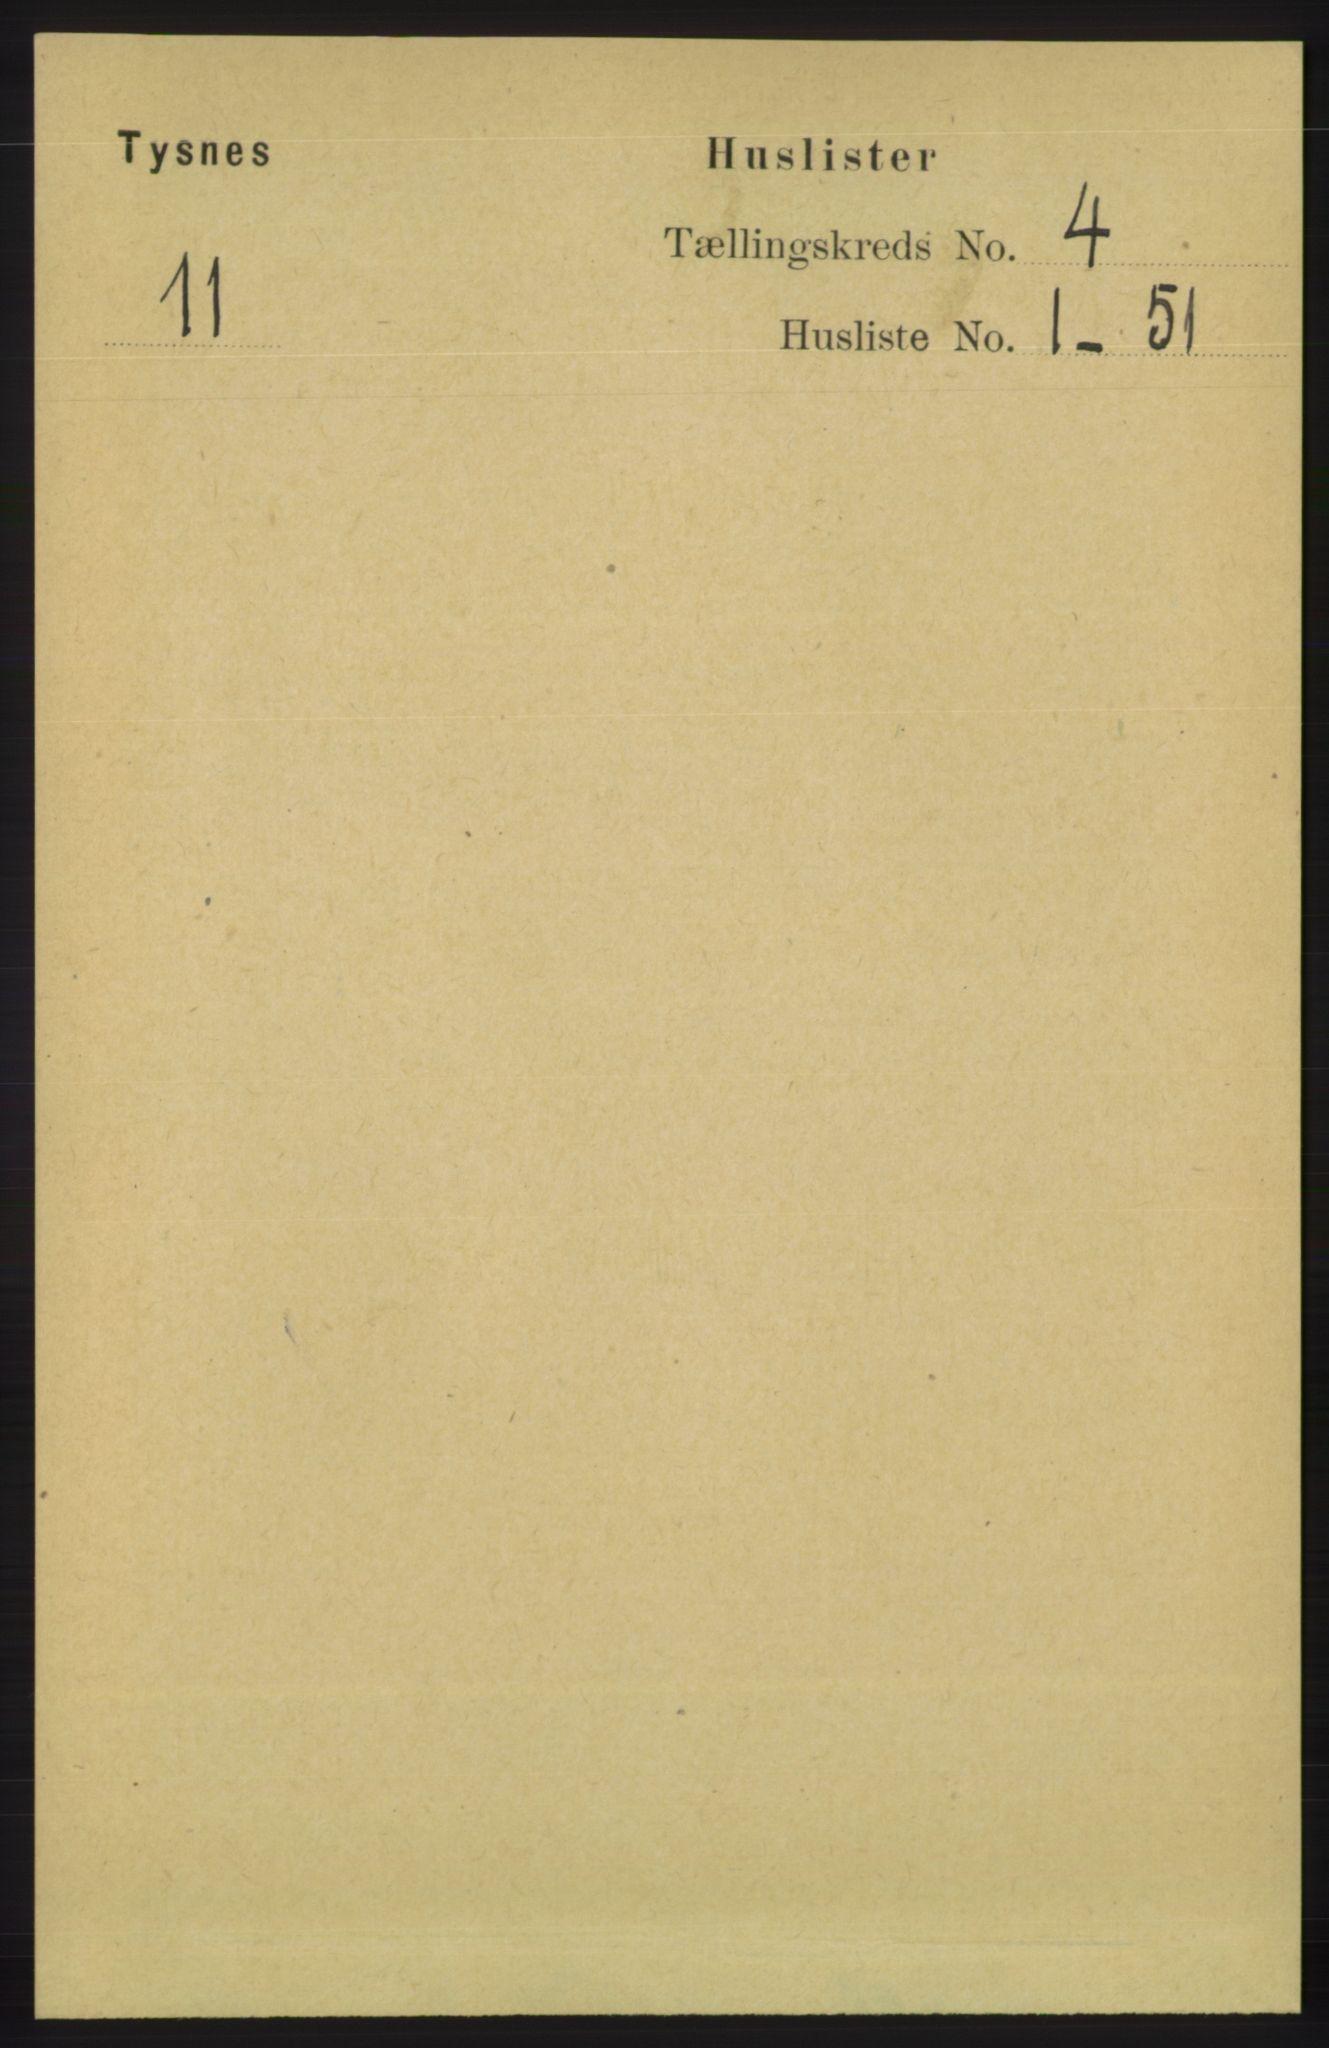 RA, Folketelling 1891 for 1223 Tysnes herred, 1891, s. 1479